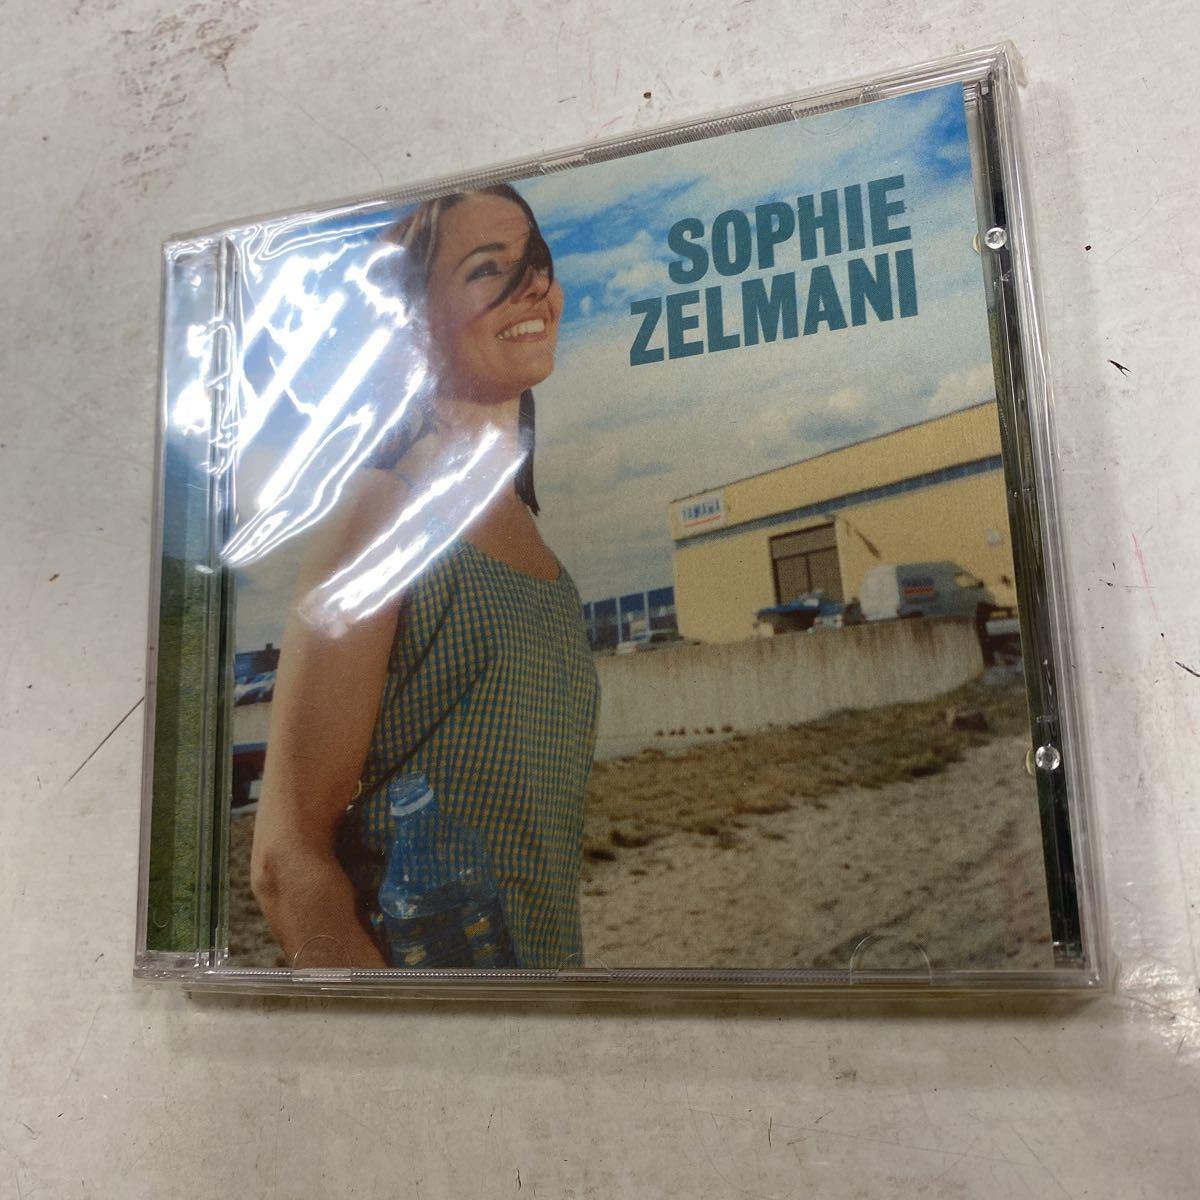 未開封新品 デッドストック 倉庫保管品 CD 輸入盤 SOPHIE ZELMANI EPC-4809552 ソフィー・セルマーニ_画像3